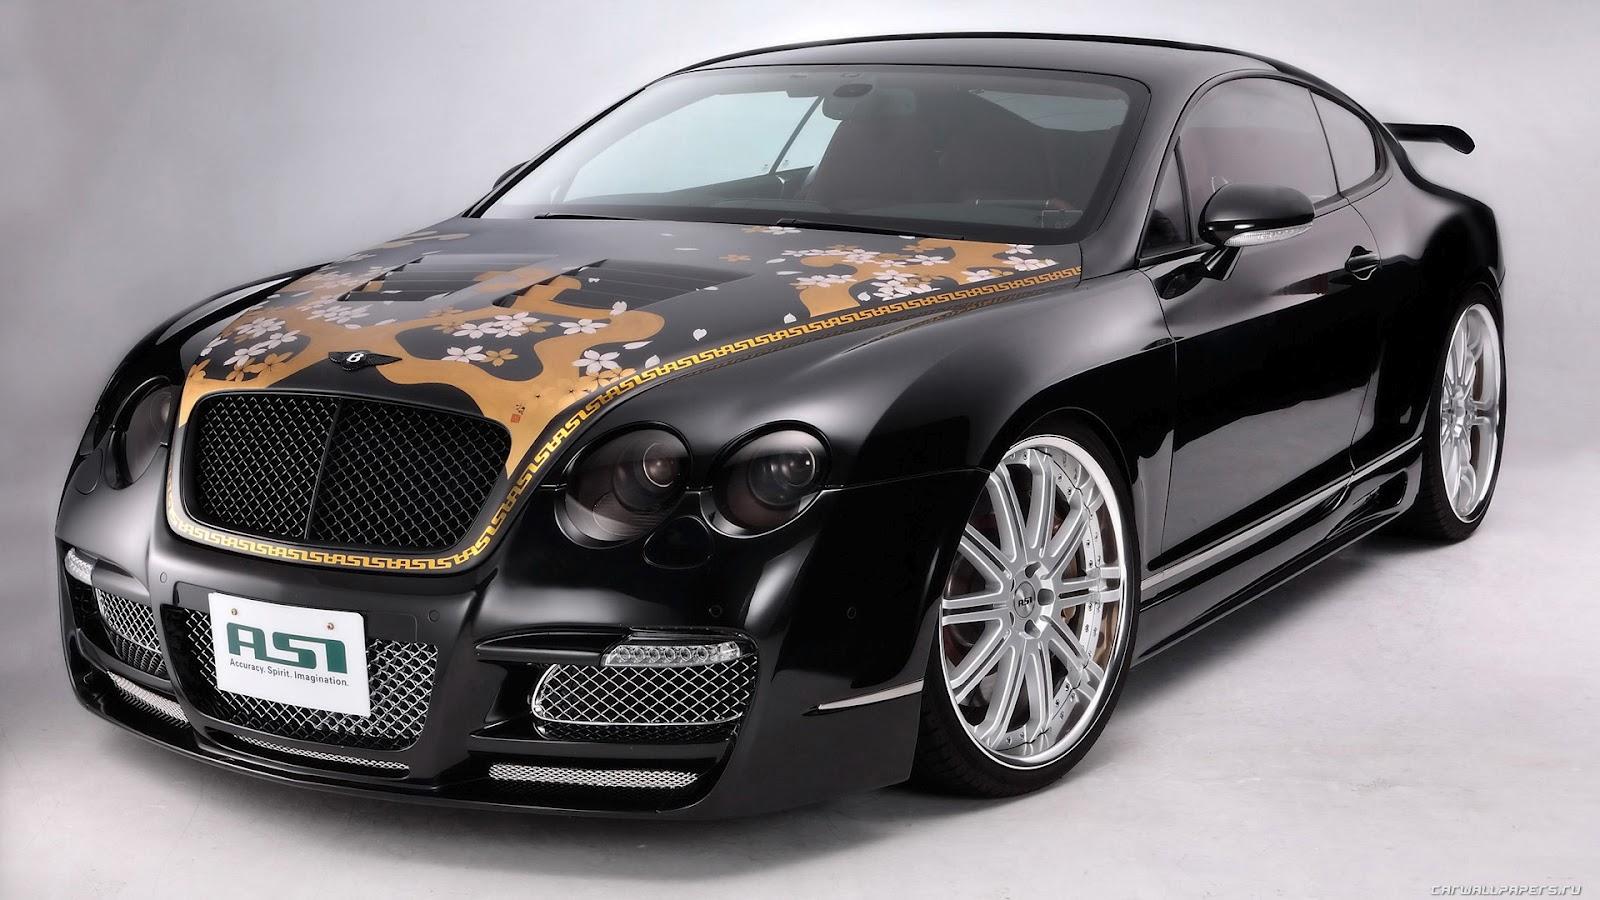 http://4.bp.blogspot.com/-ZUtkxaMKwro/UDzmdXdUeAI/AAAAAAAAAZg/udLyjE2JU3U/s1600/Bentley-Continental-GT.jpg